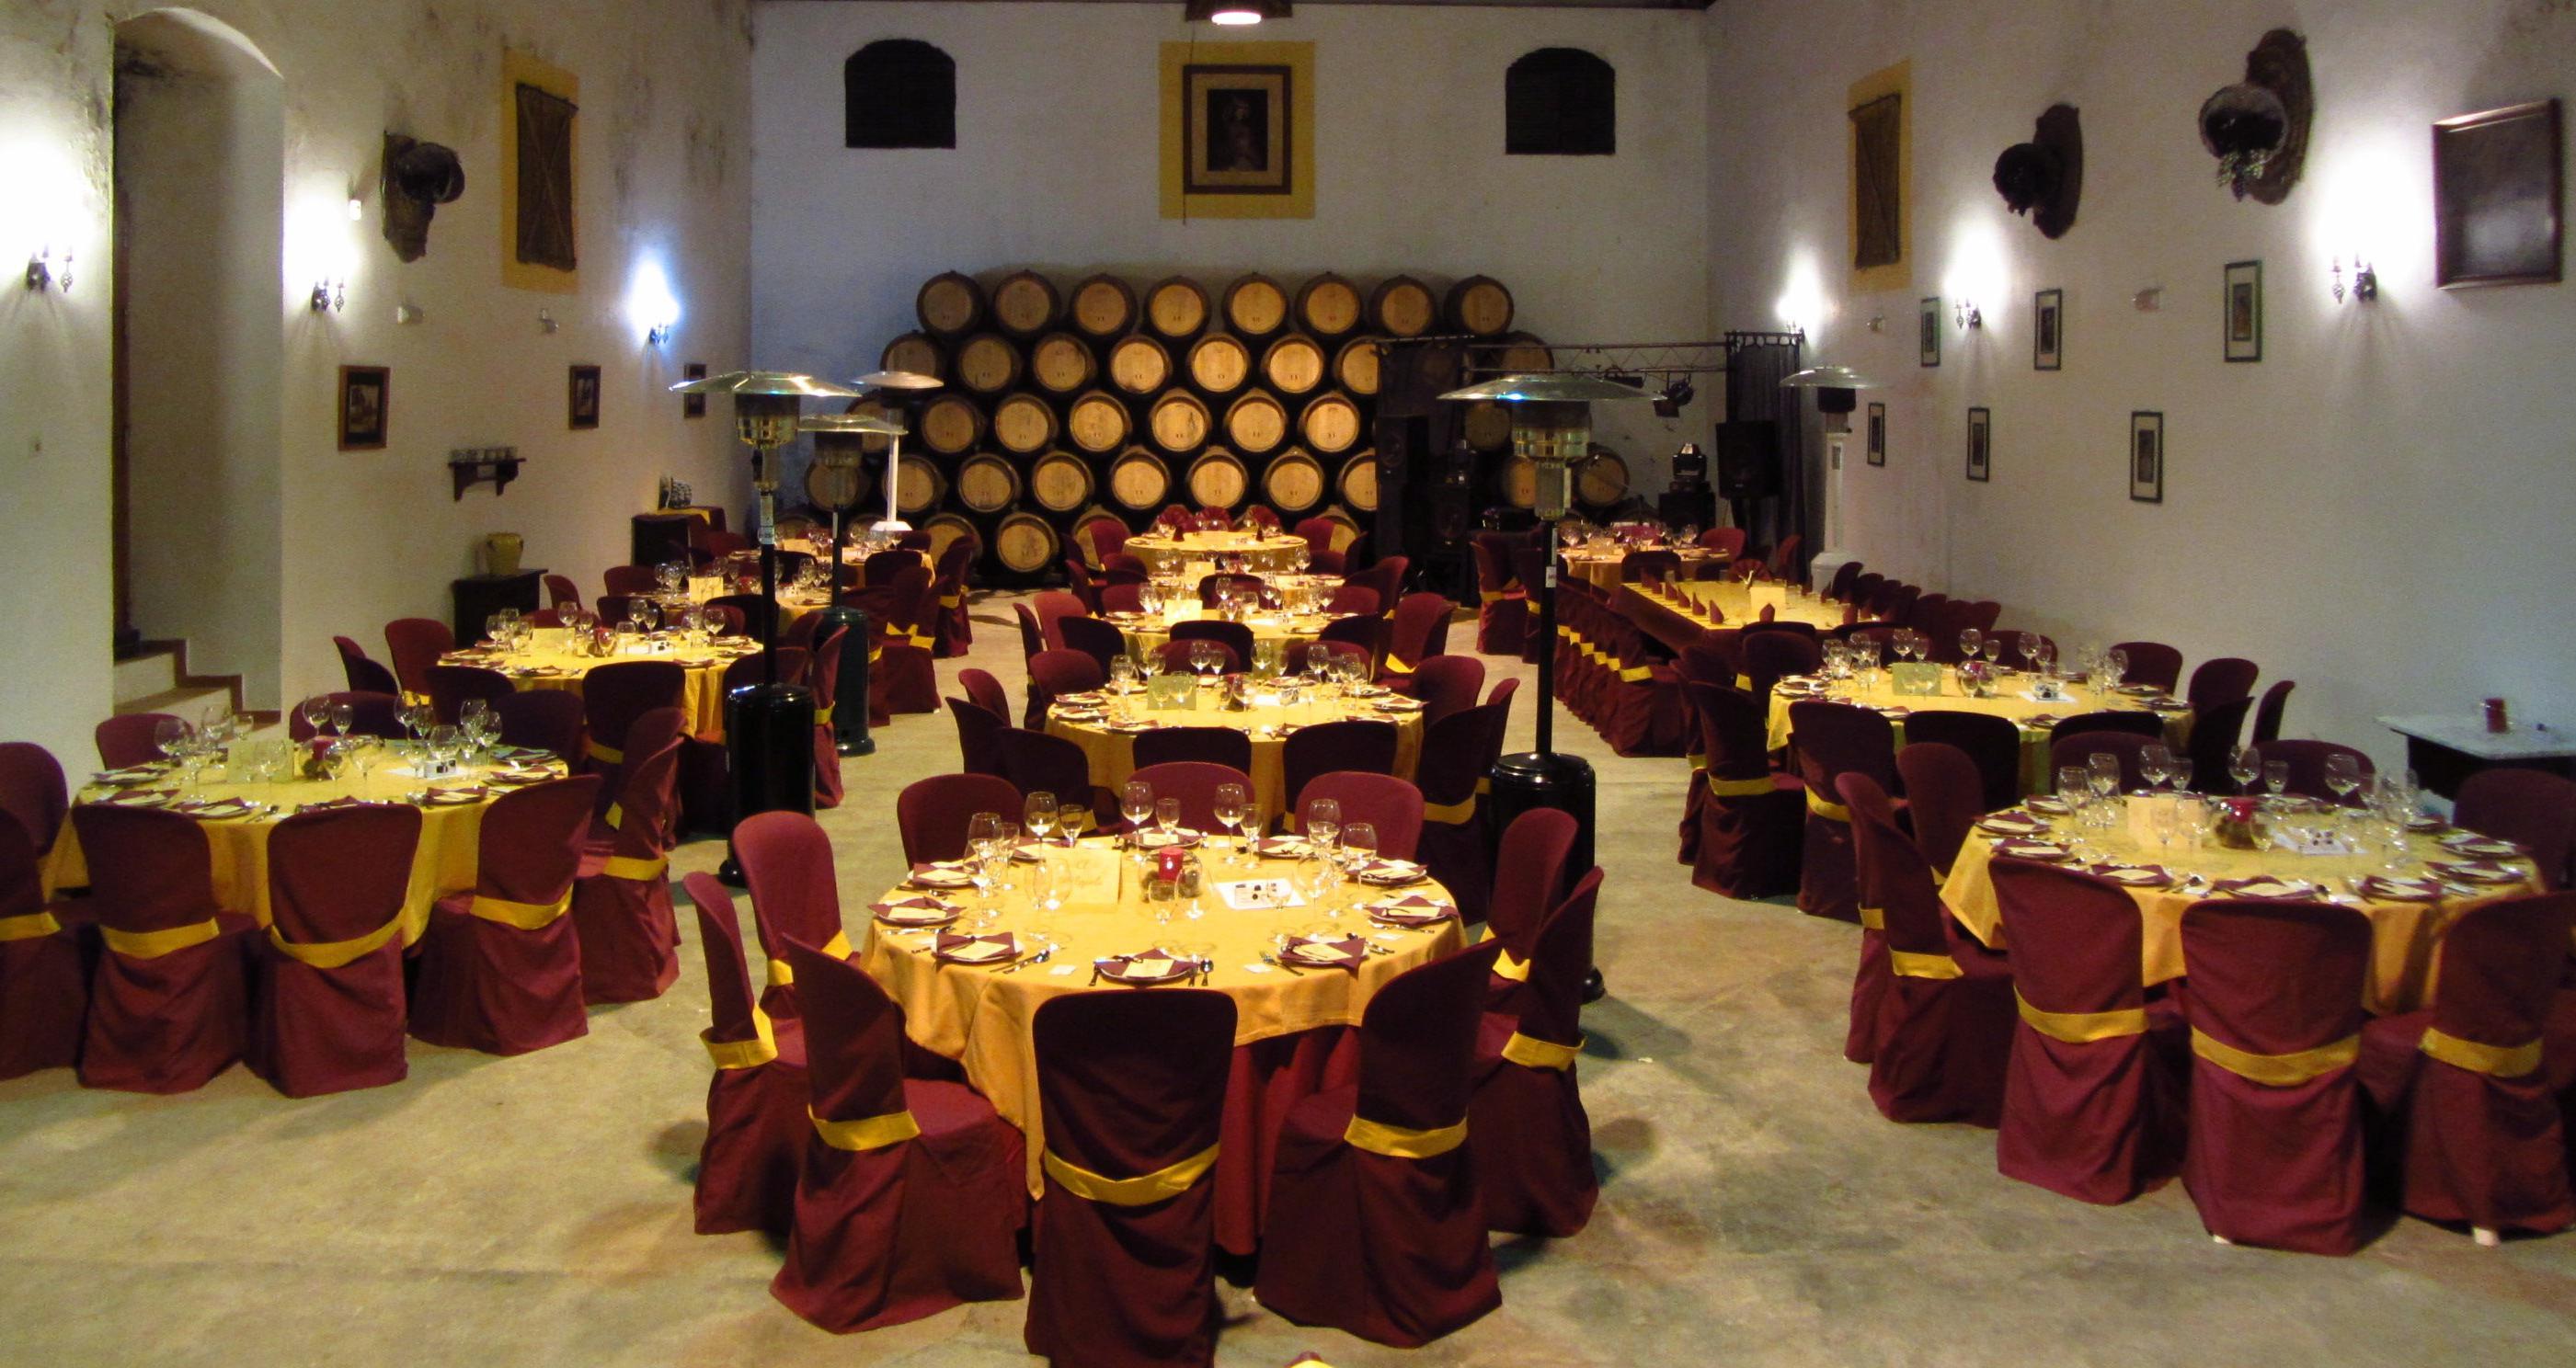 Foto 49 de Alquiler de sillas, mesas y menaje en Jerez de la Frontera | Jedal Alquileres